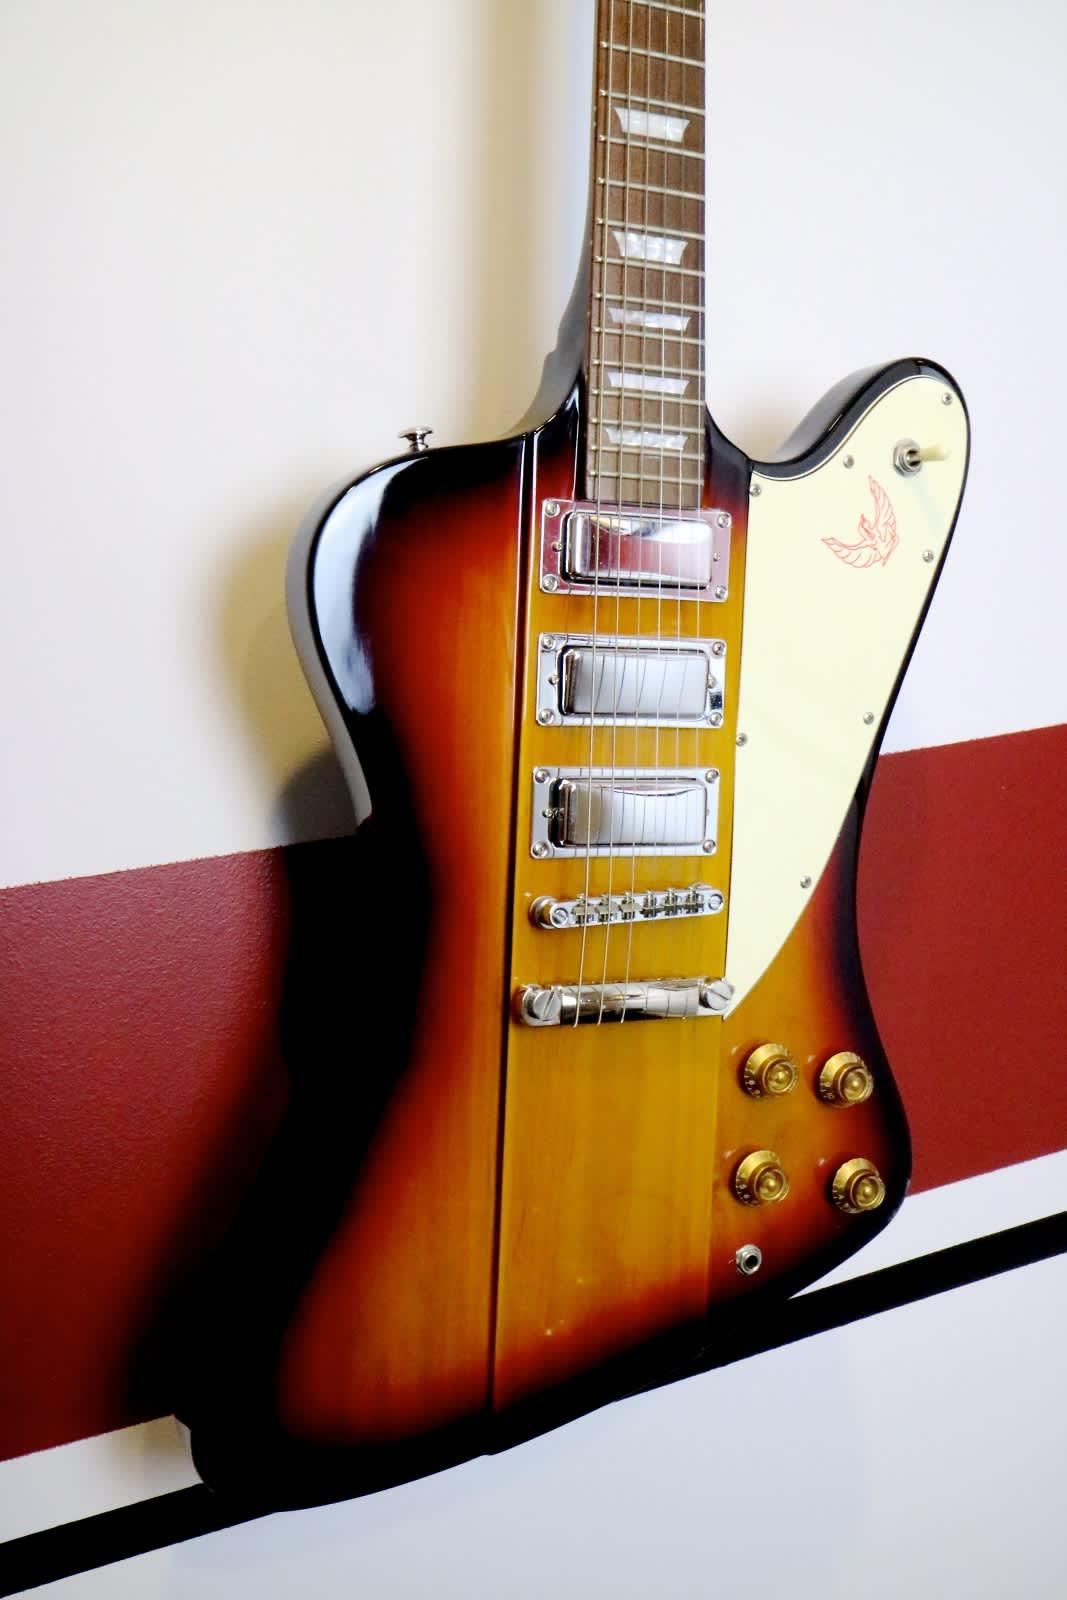 Dillion Thunderbird - The Last Bass Outpost